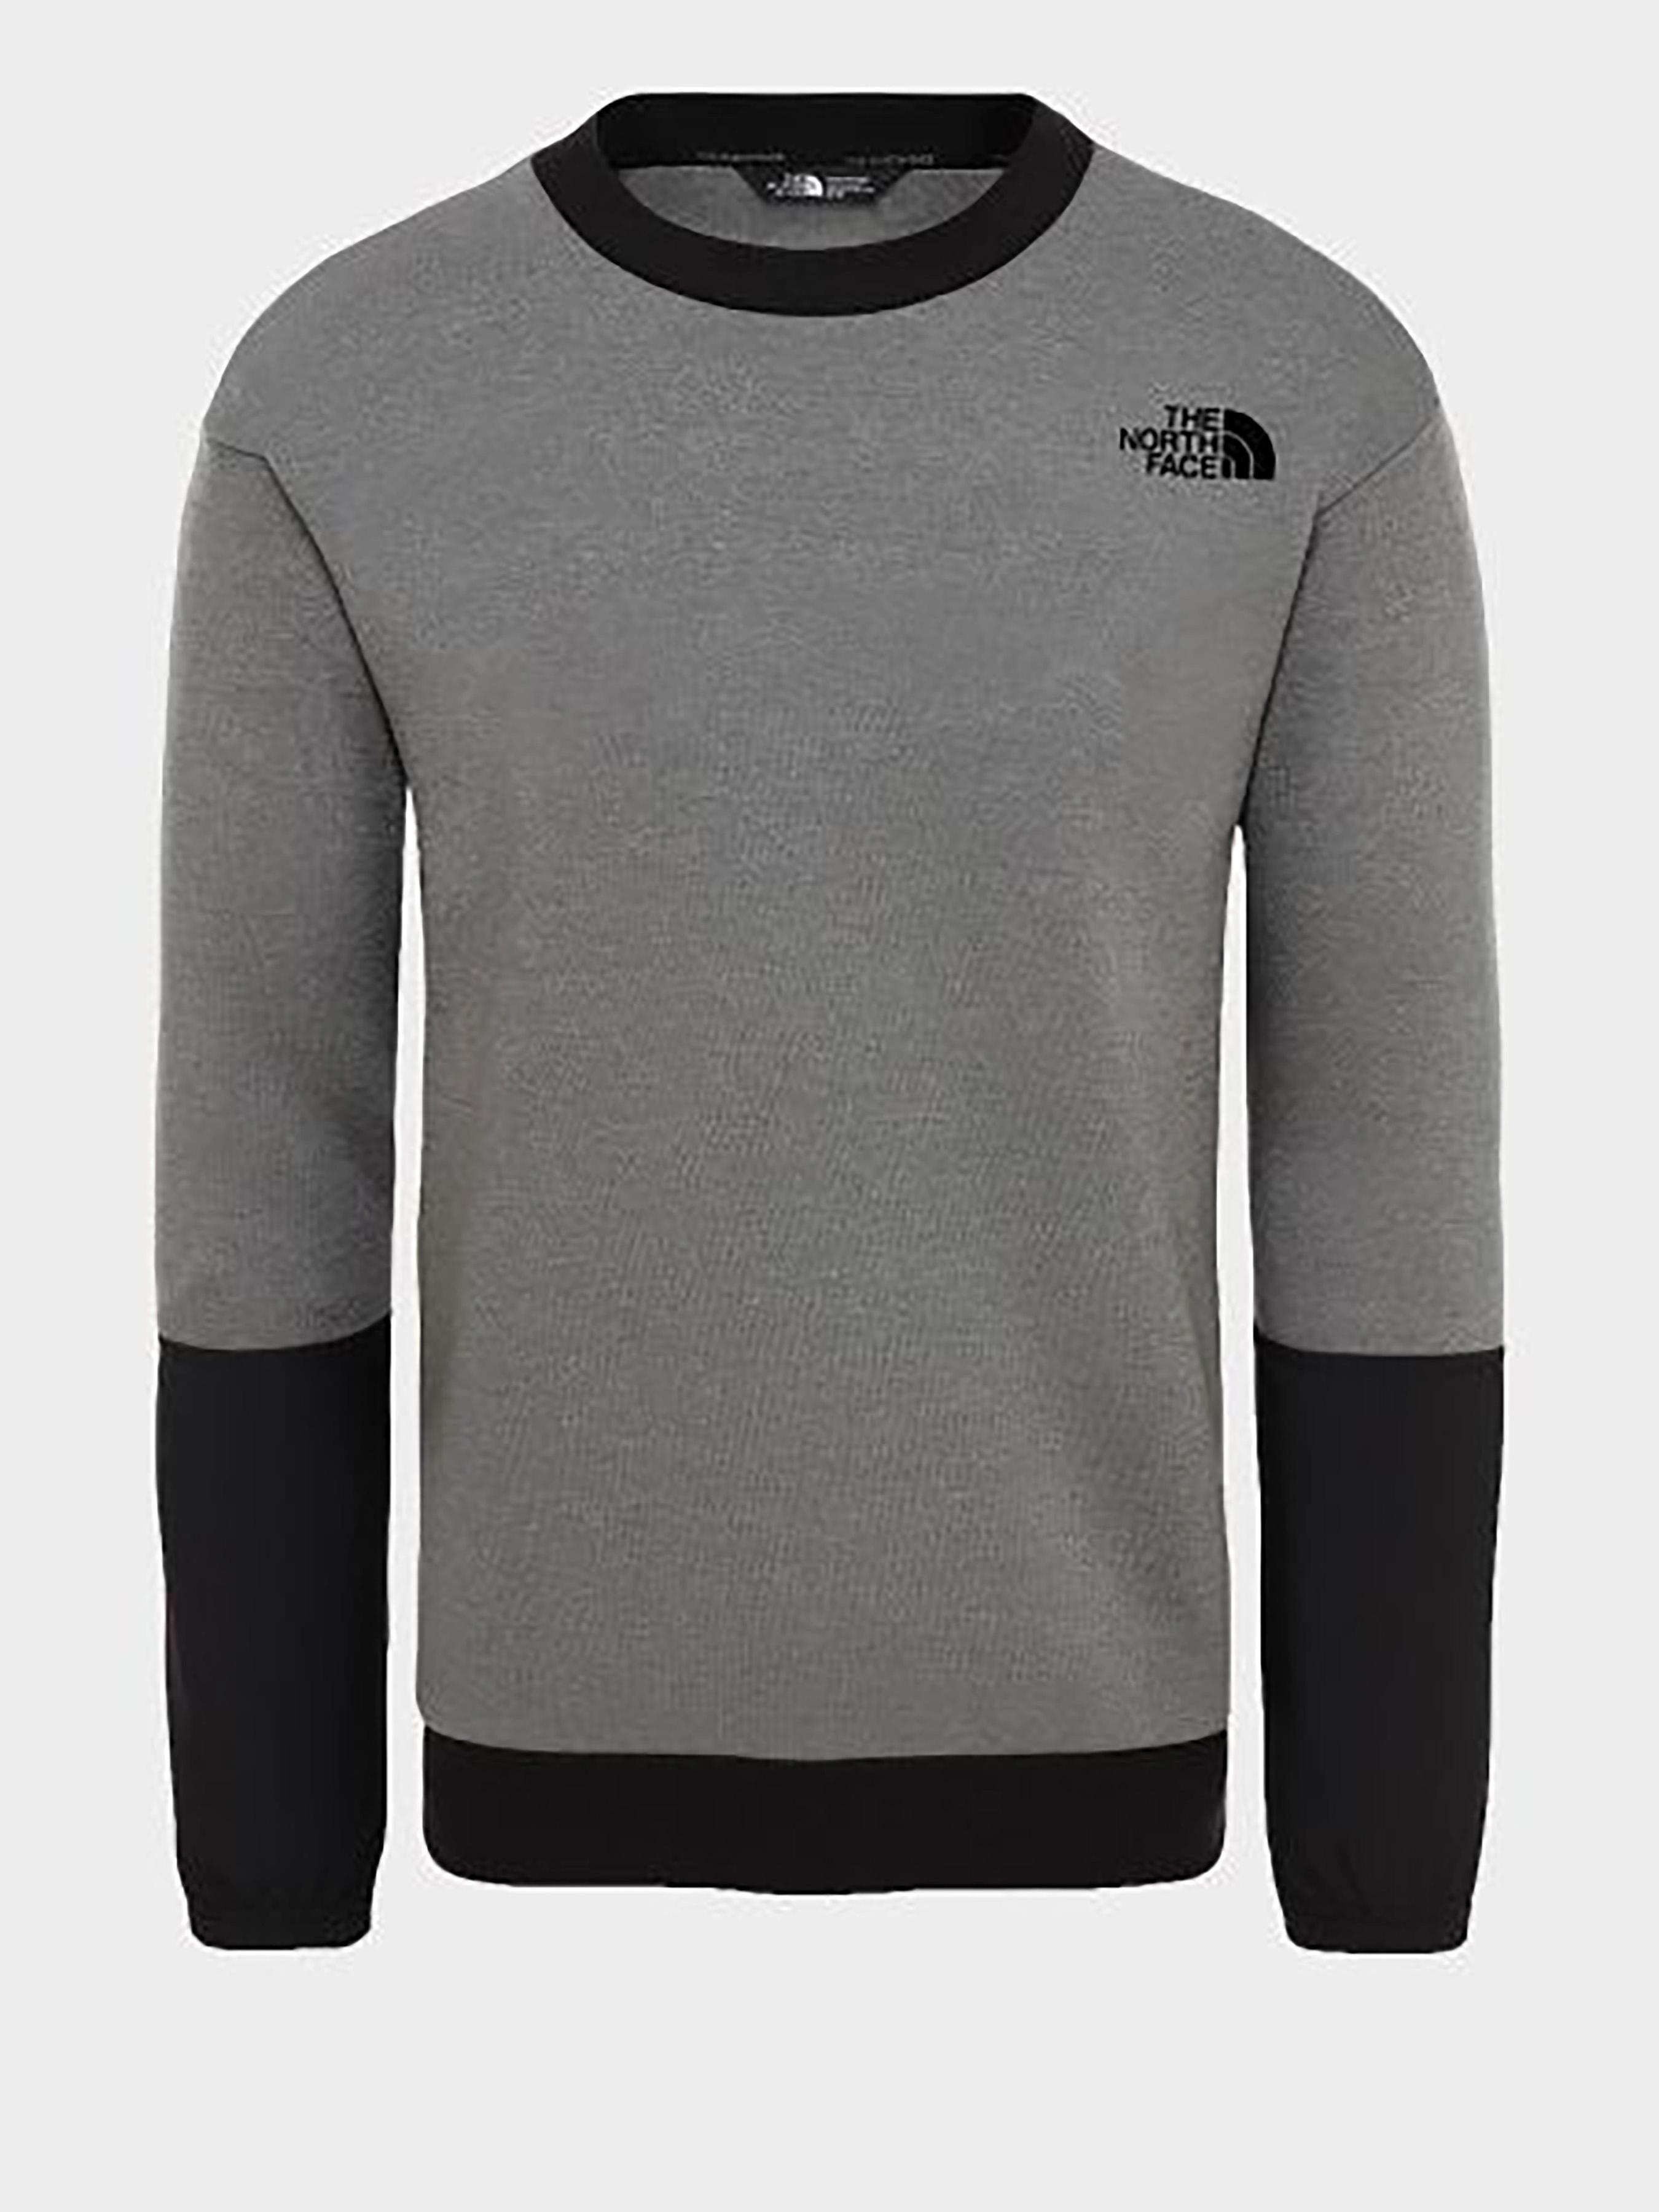 Кофты и свитера мужские The North Face модель N2756 качество, 2017